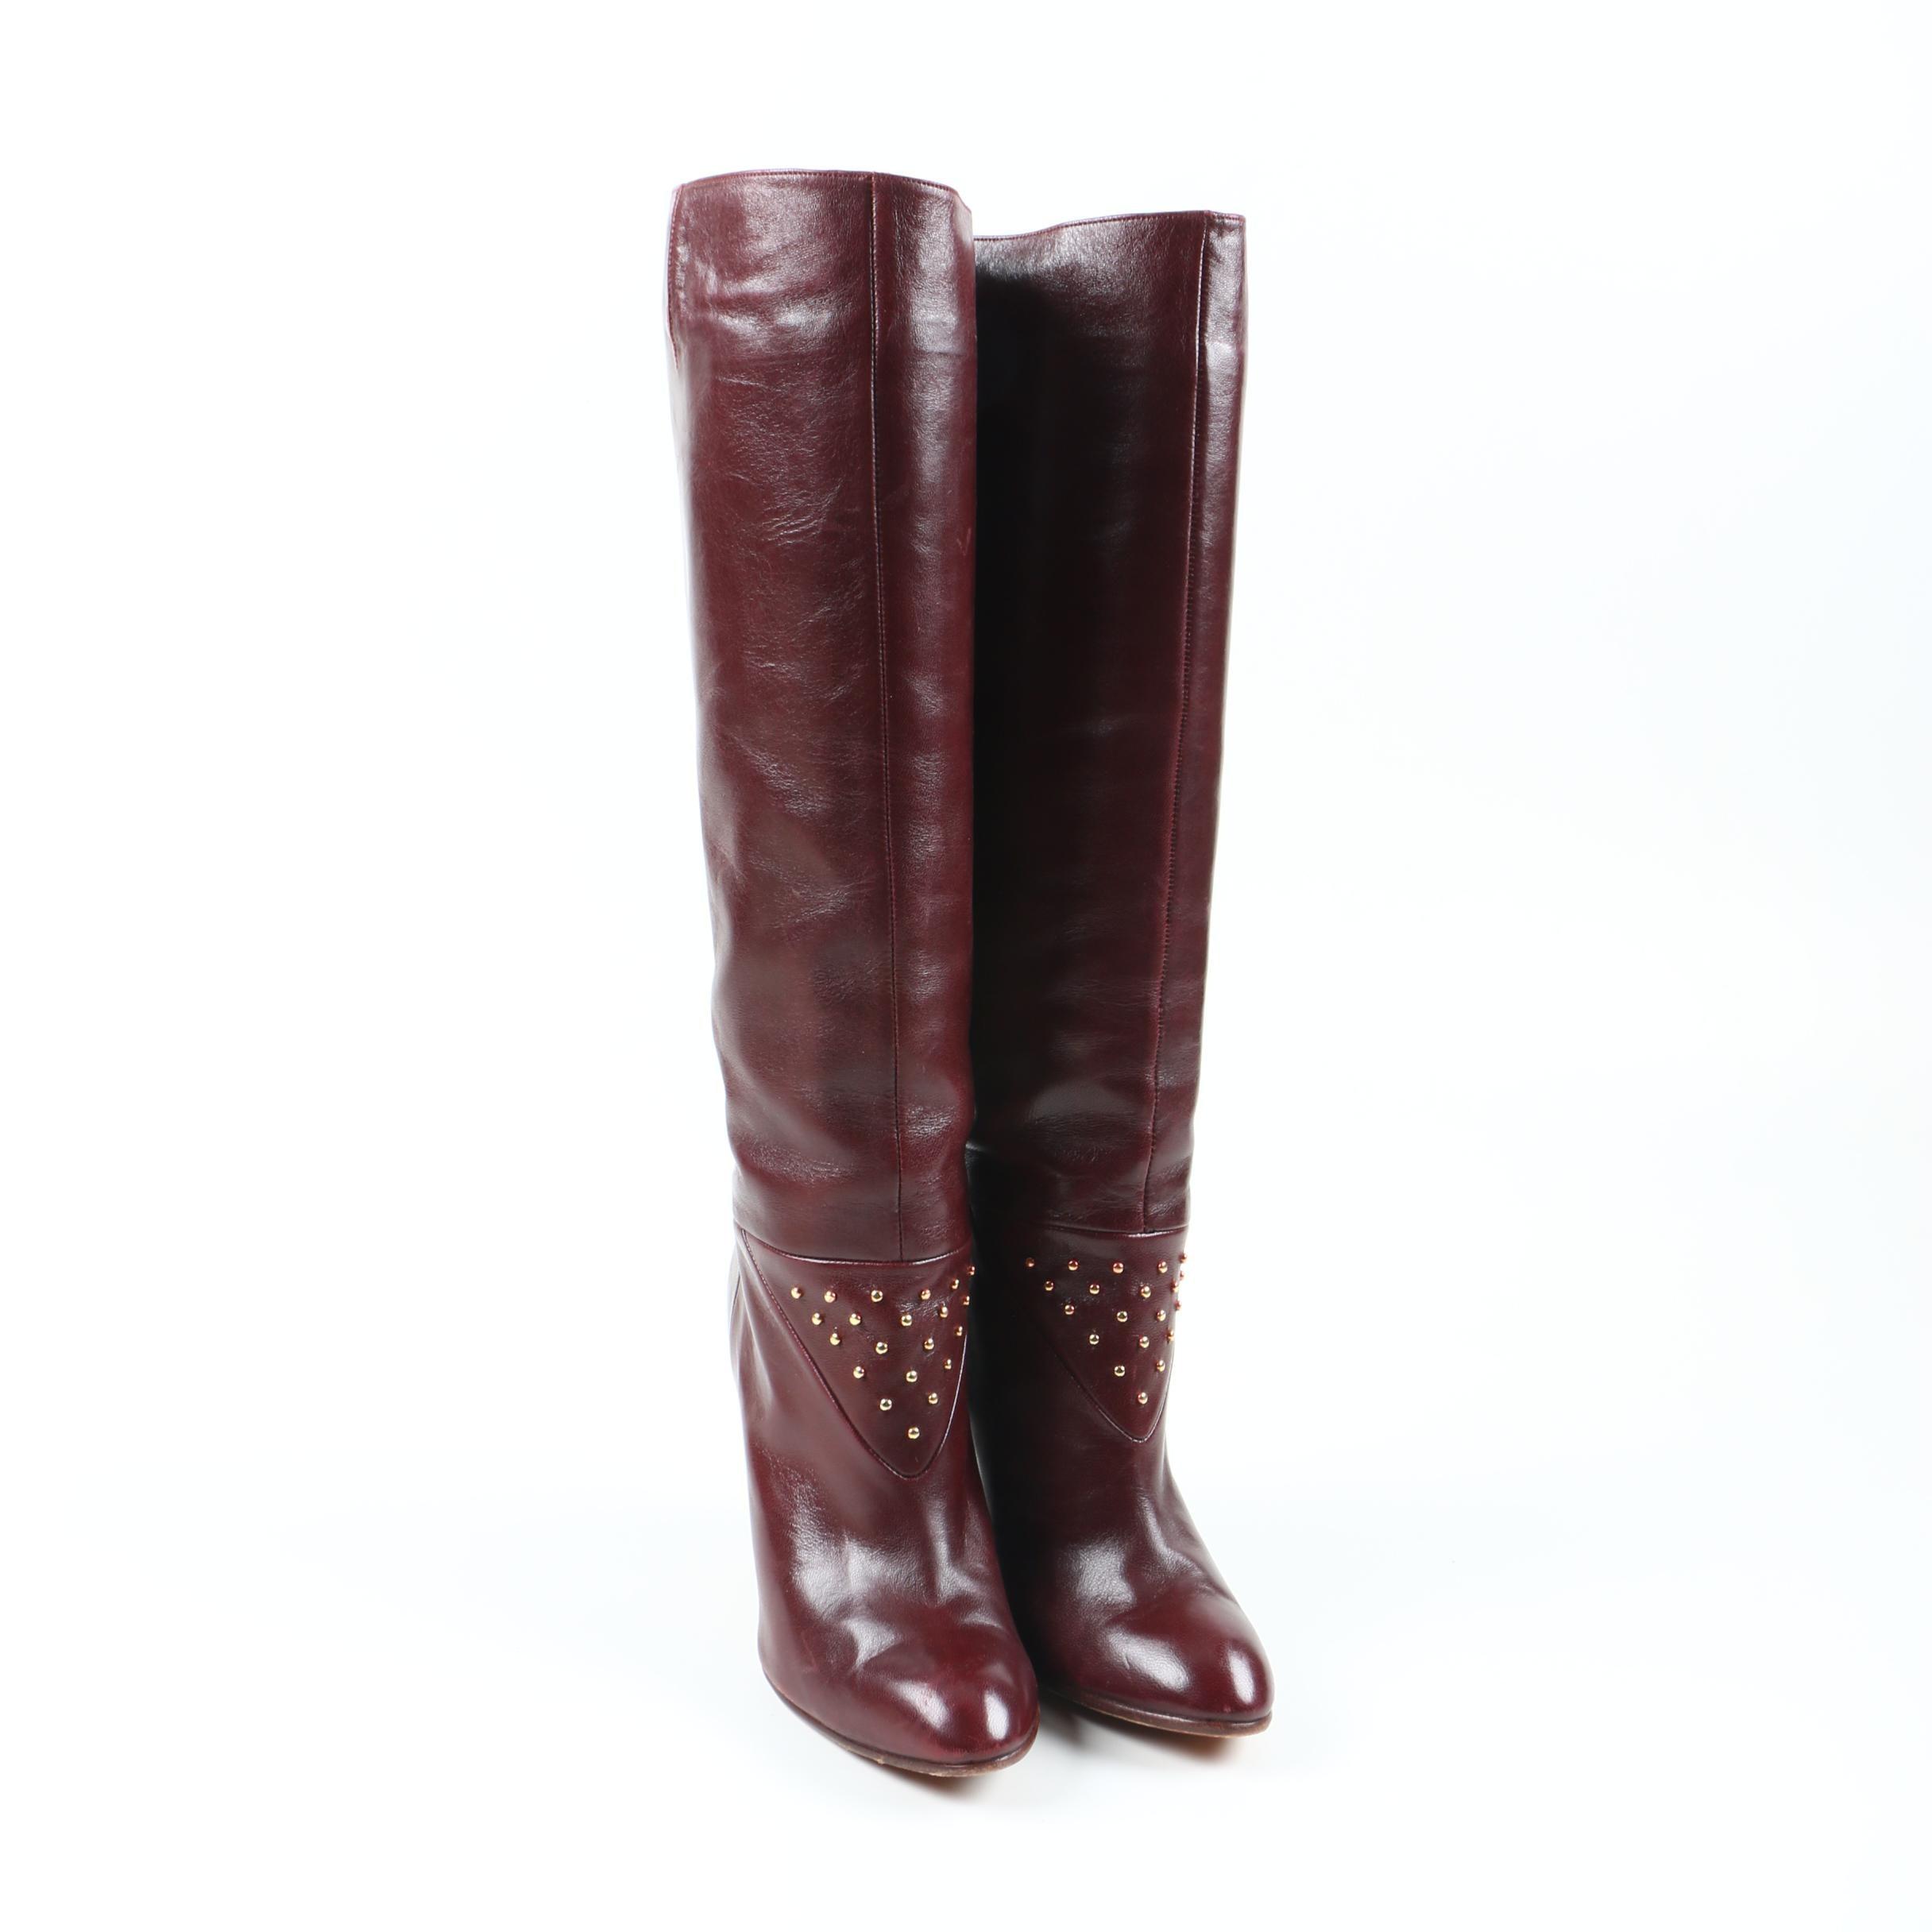 Nina High Heeled Boots